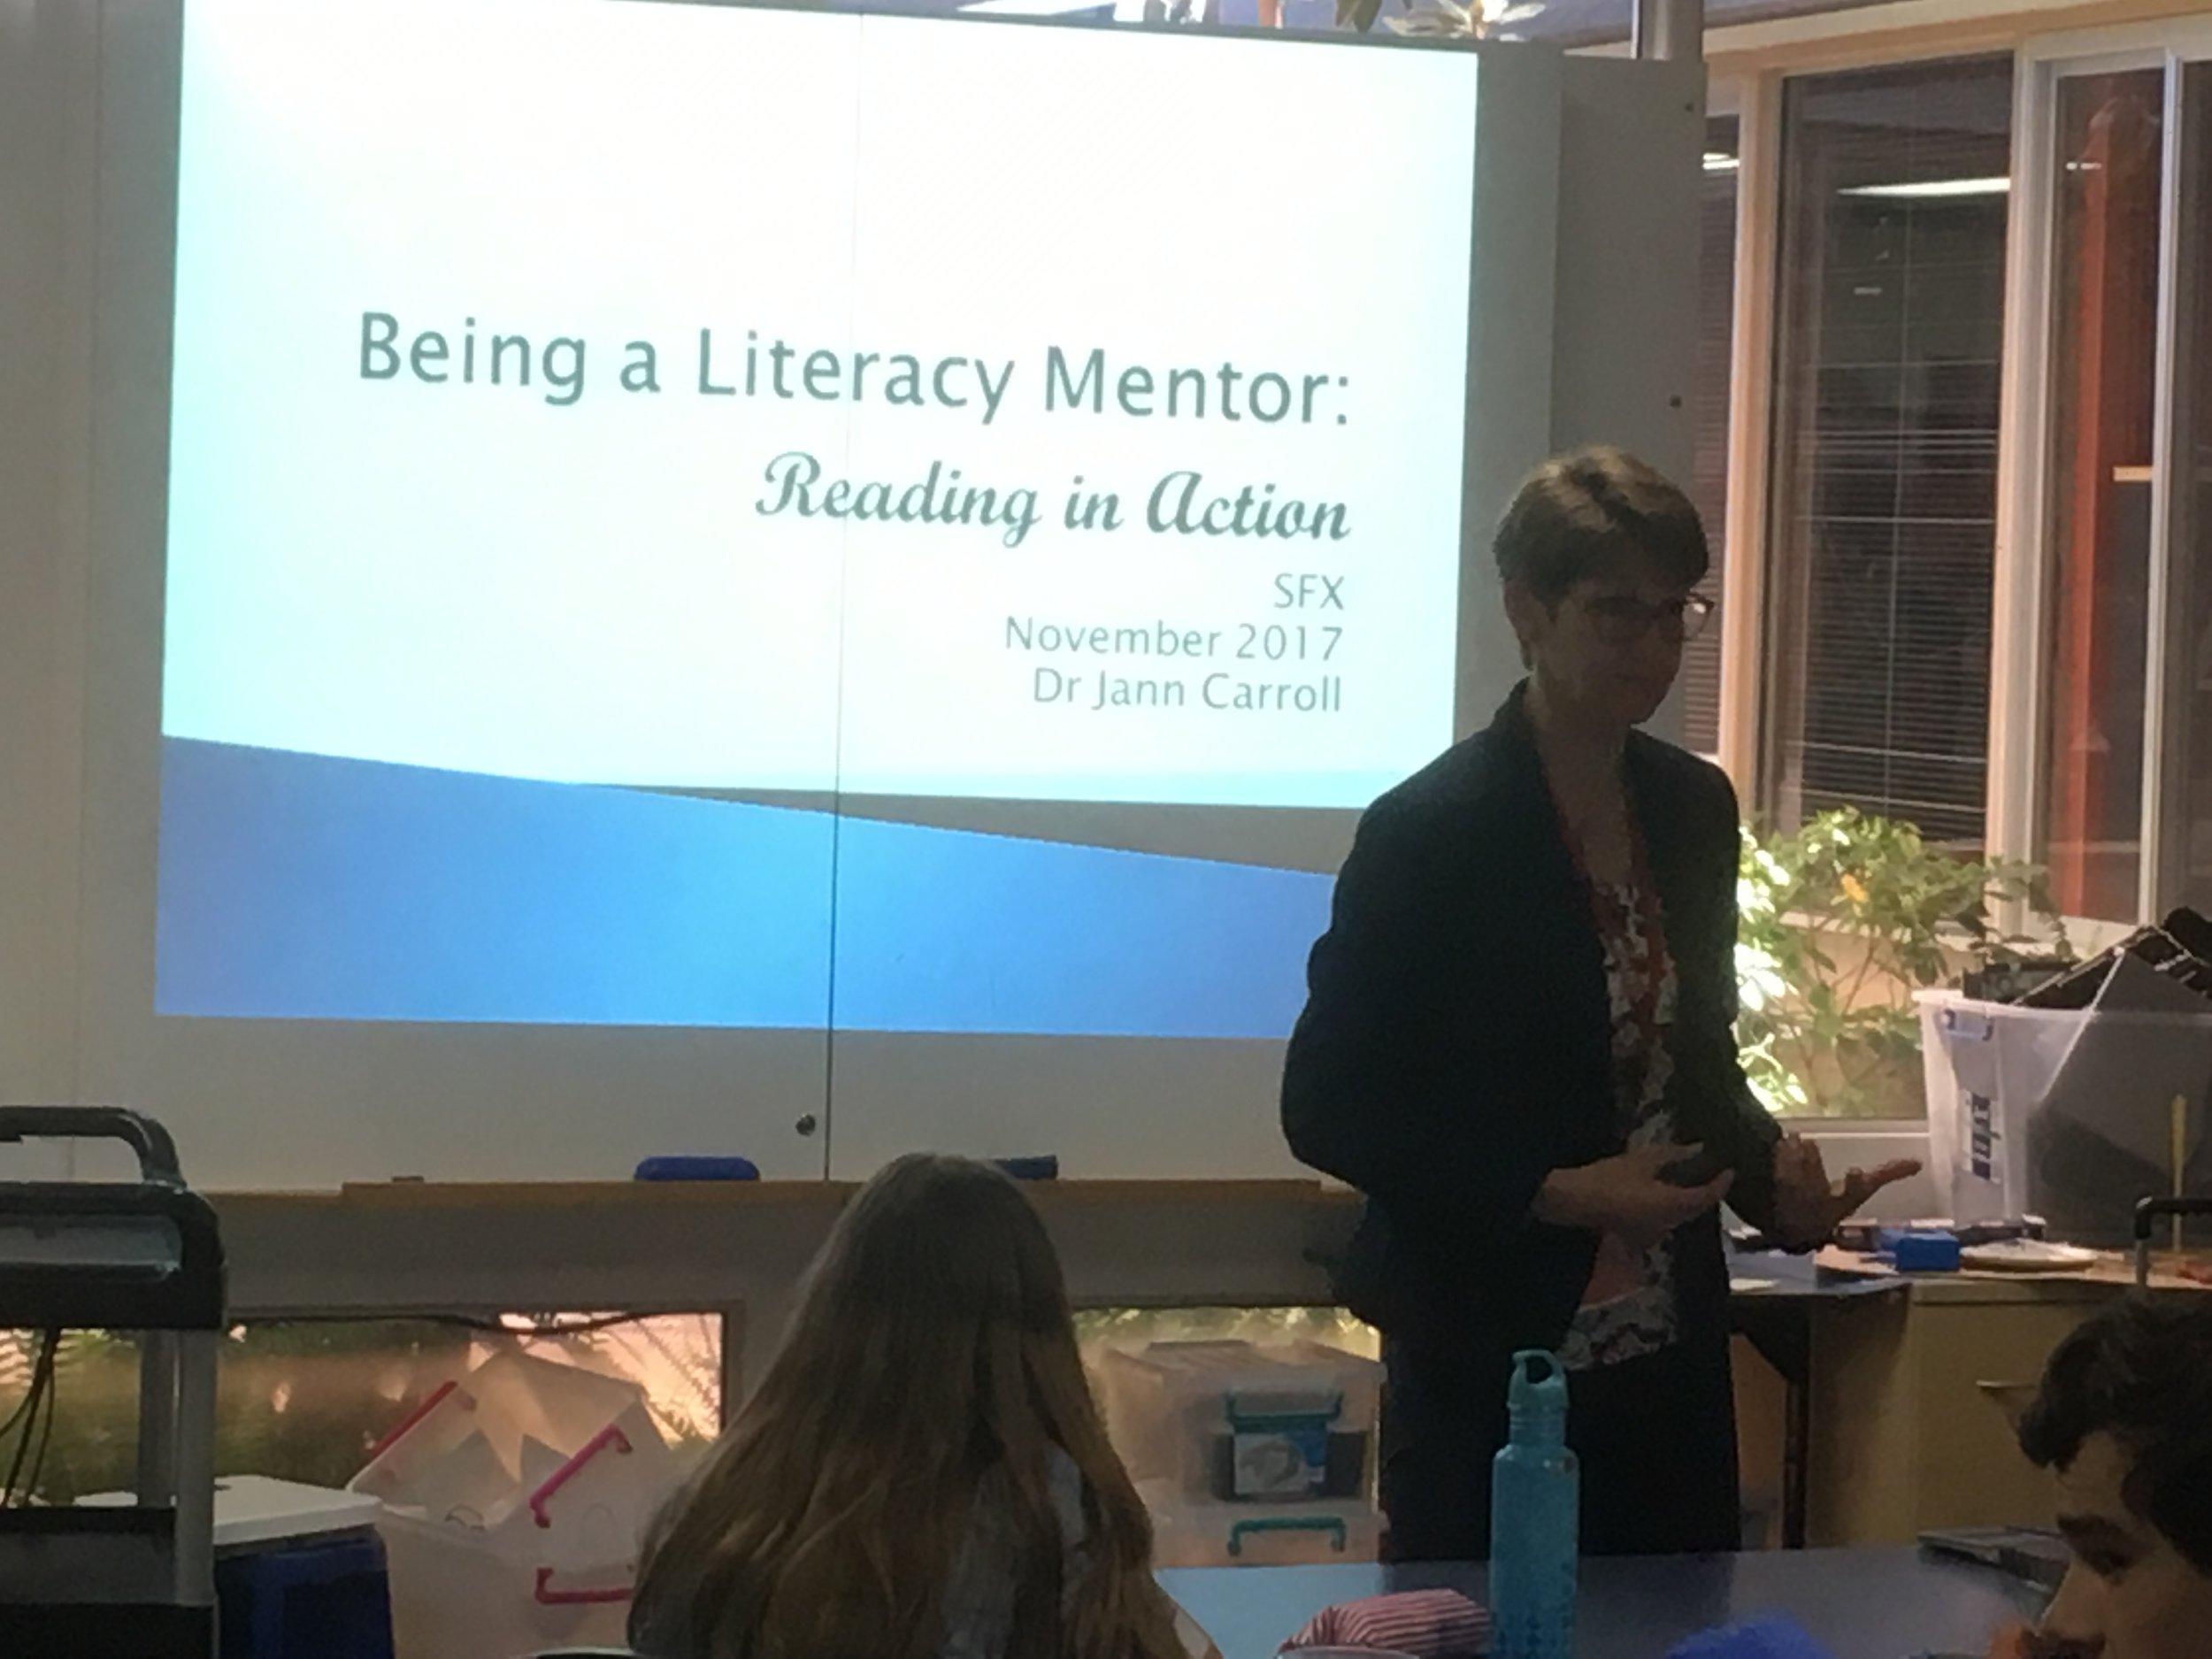 Dr Jann Carroll provides literacy mentor training to senior school mentors